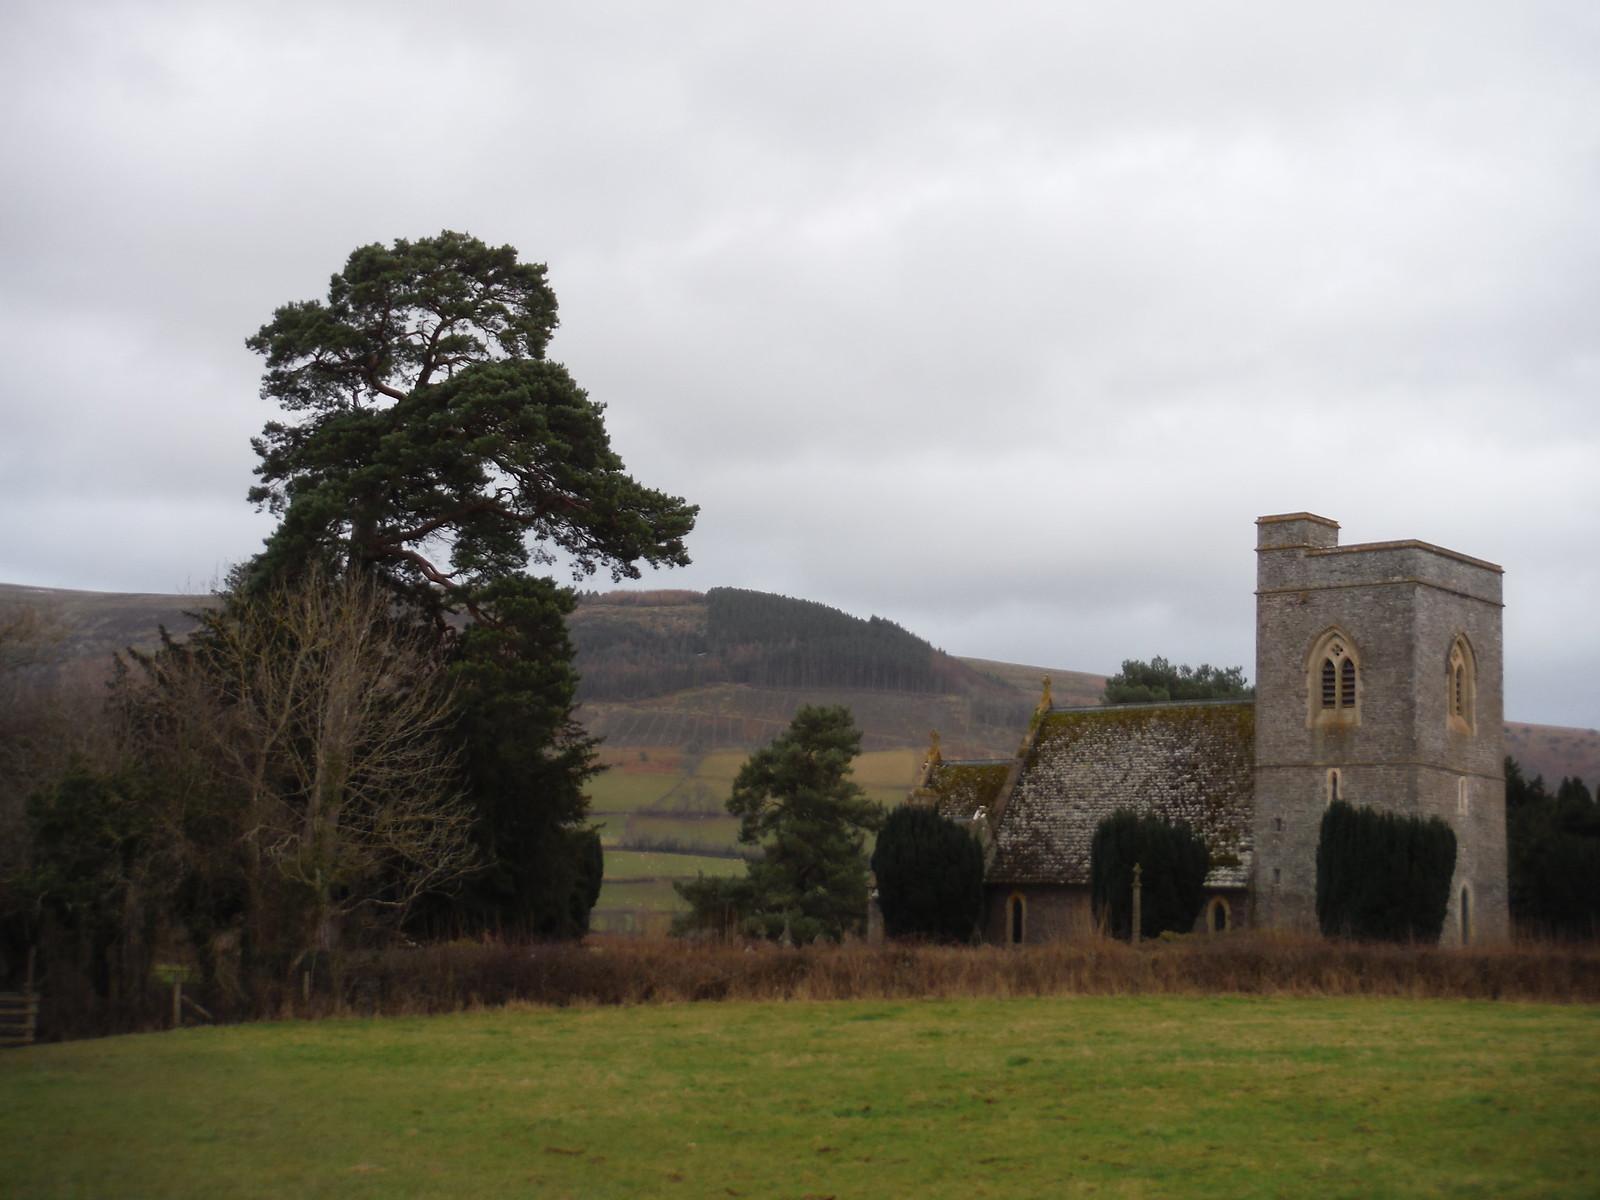 St. Gastyn's Church, Llangasty-Talyllyn SWC Walk 308 - Bwlch Circular (via Mynydd Troed and Llangorse Lake)